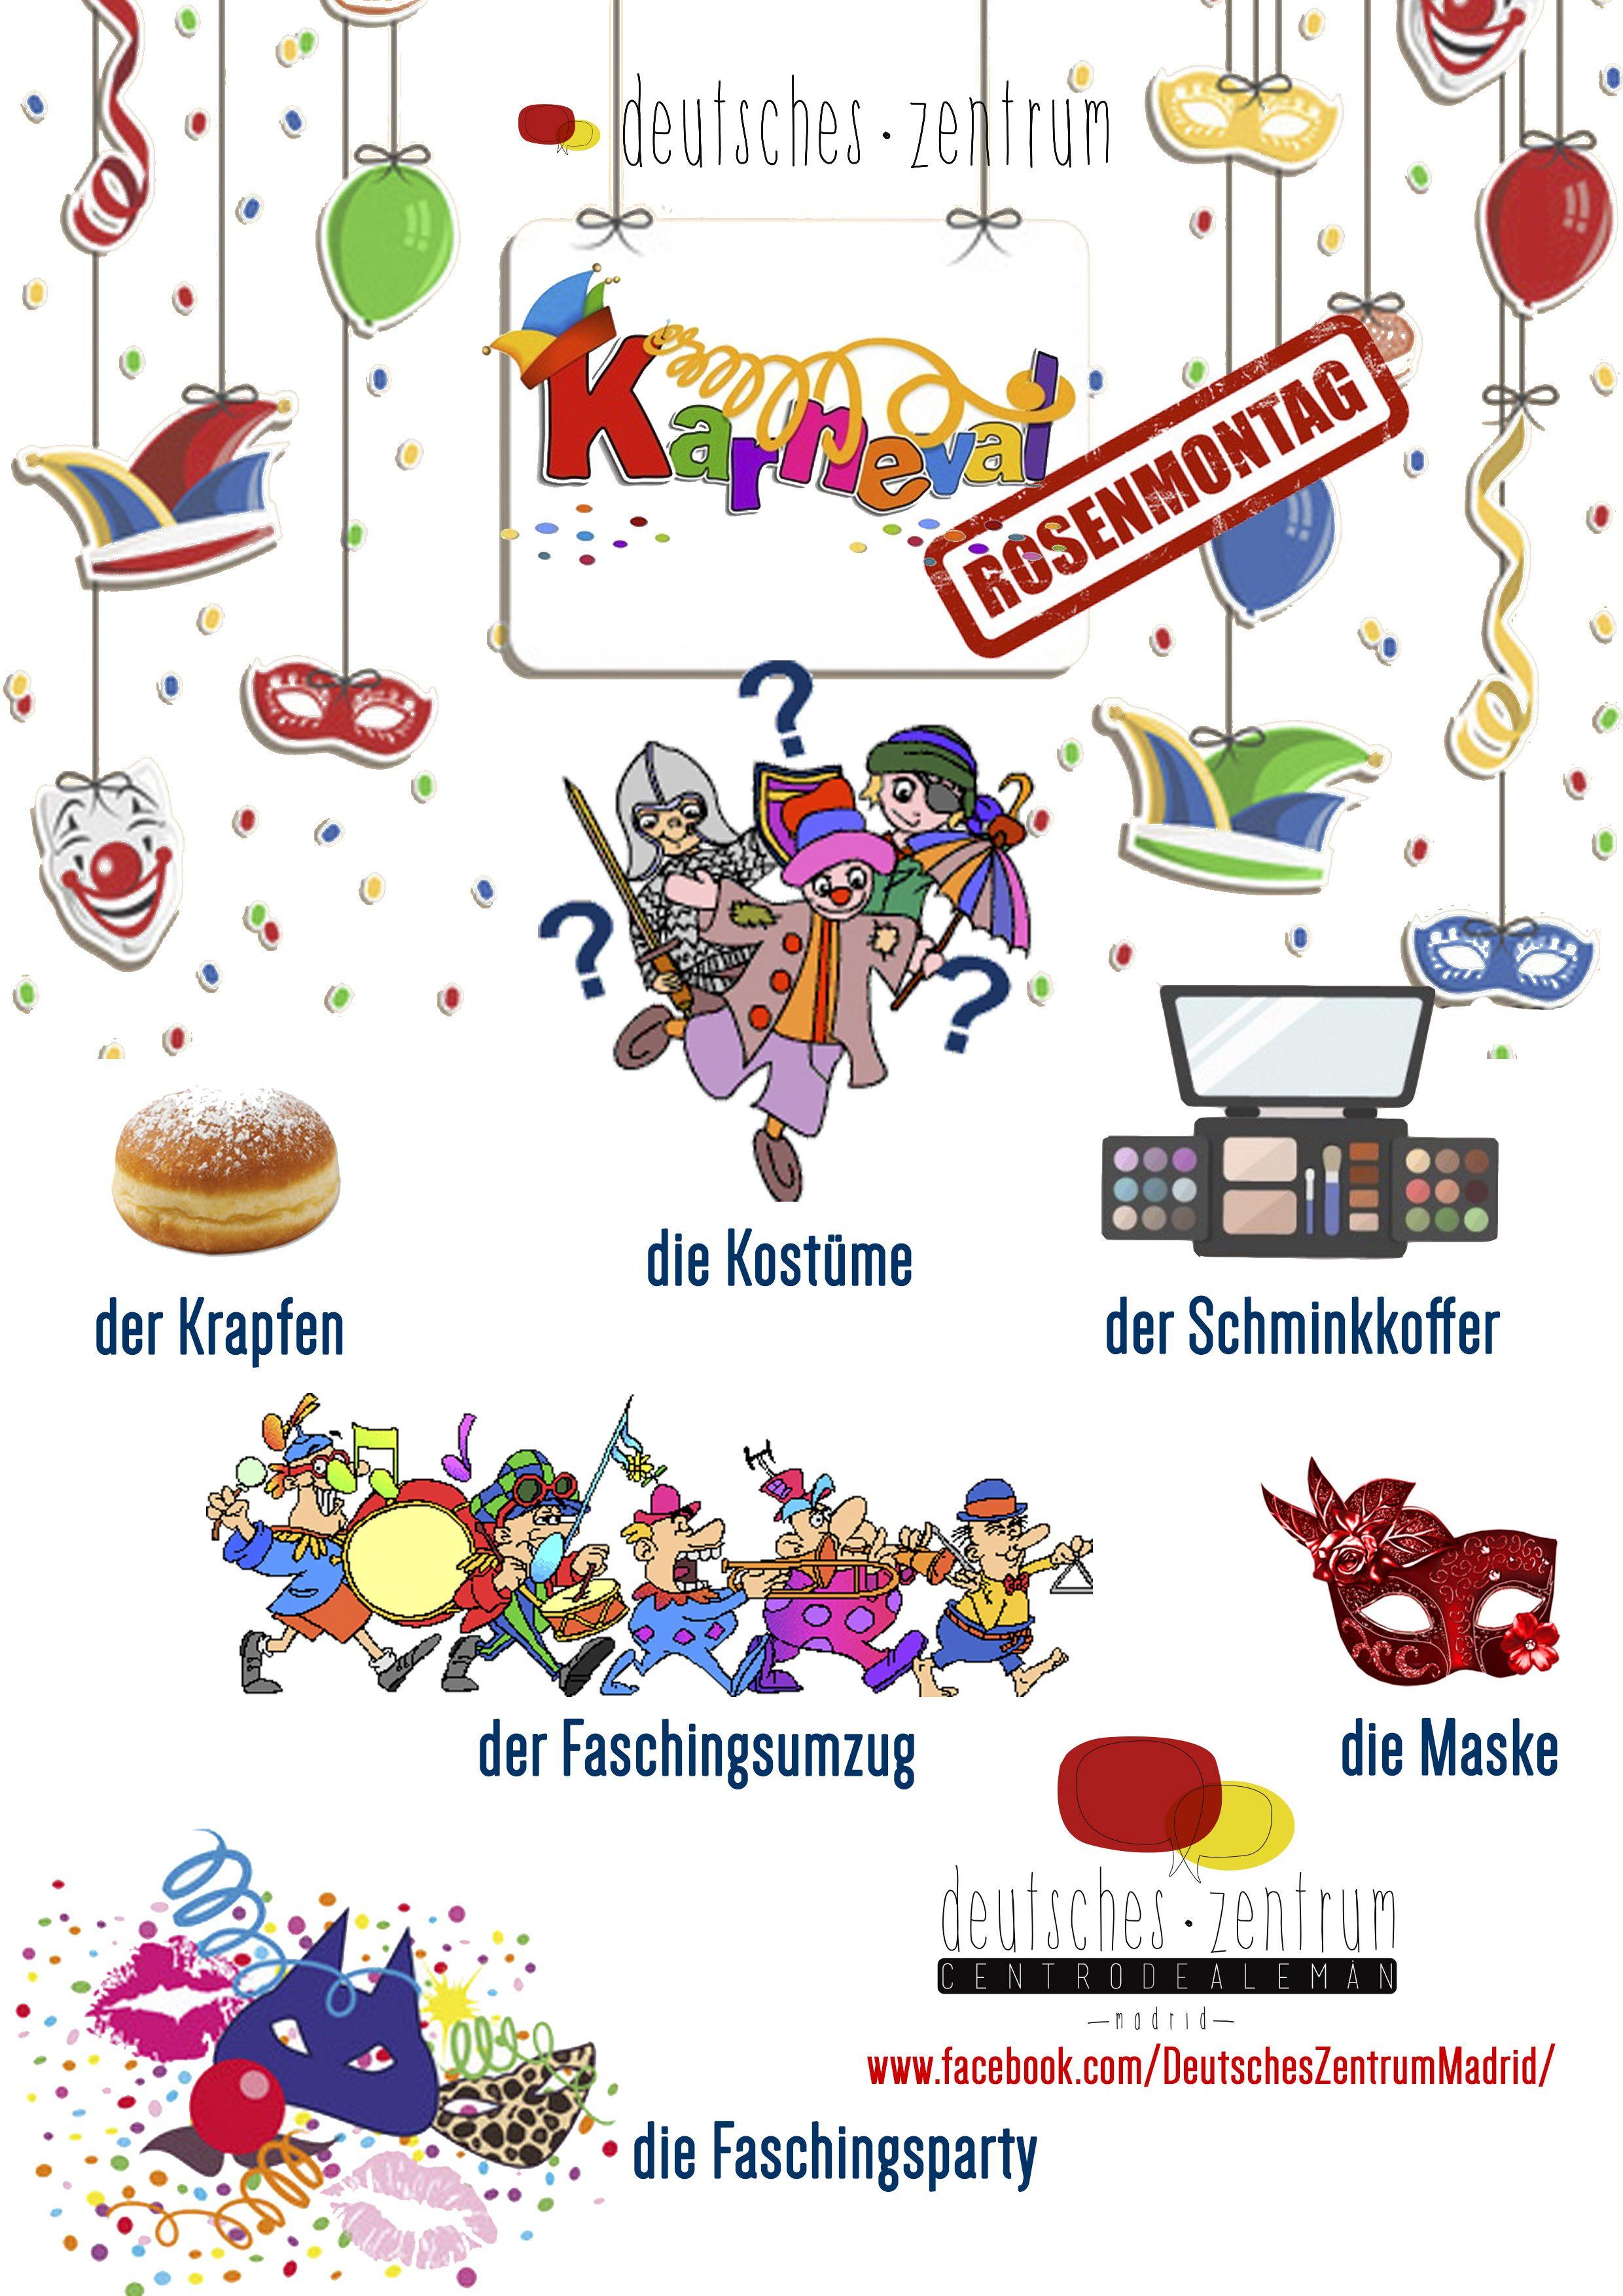 Karneval Deutsch Wortschatz Vocabulario DAF | DAZ | Pinterest ...